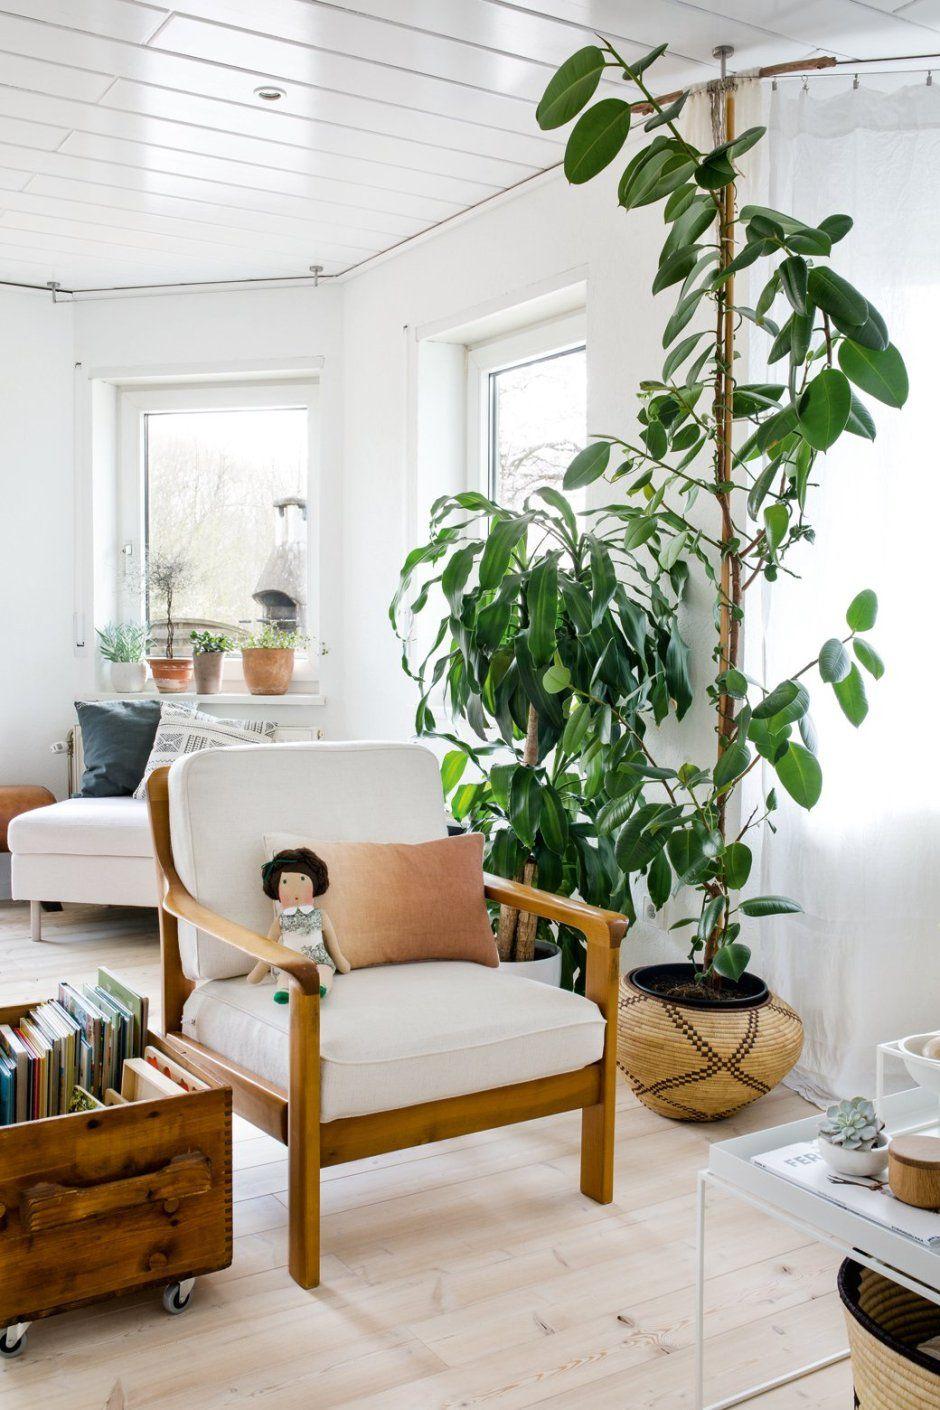 Homegrown urban handmade decor